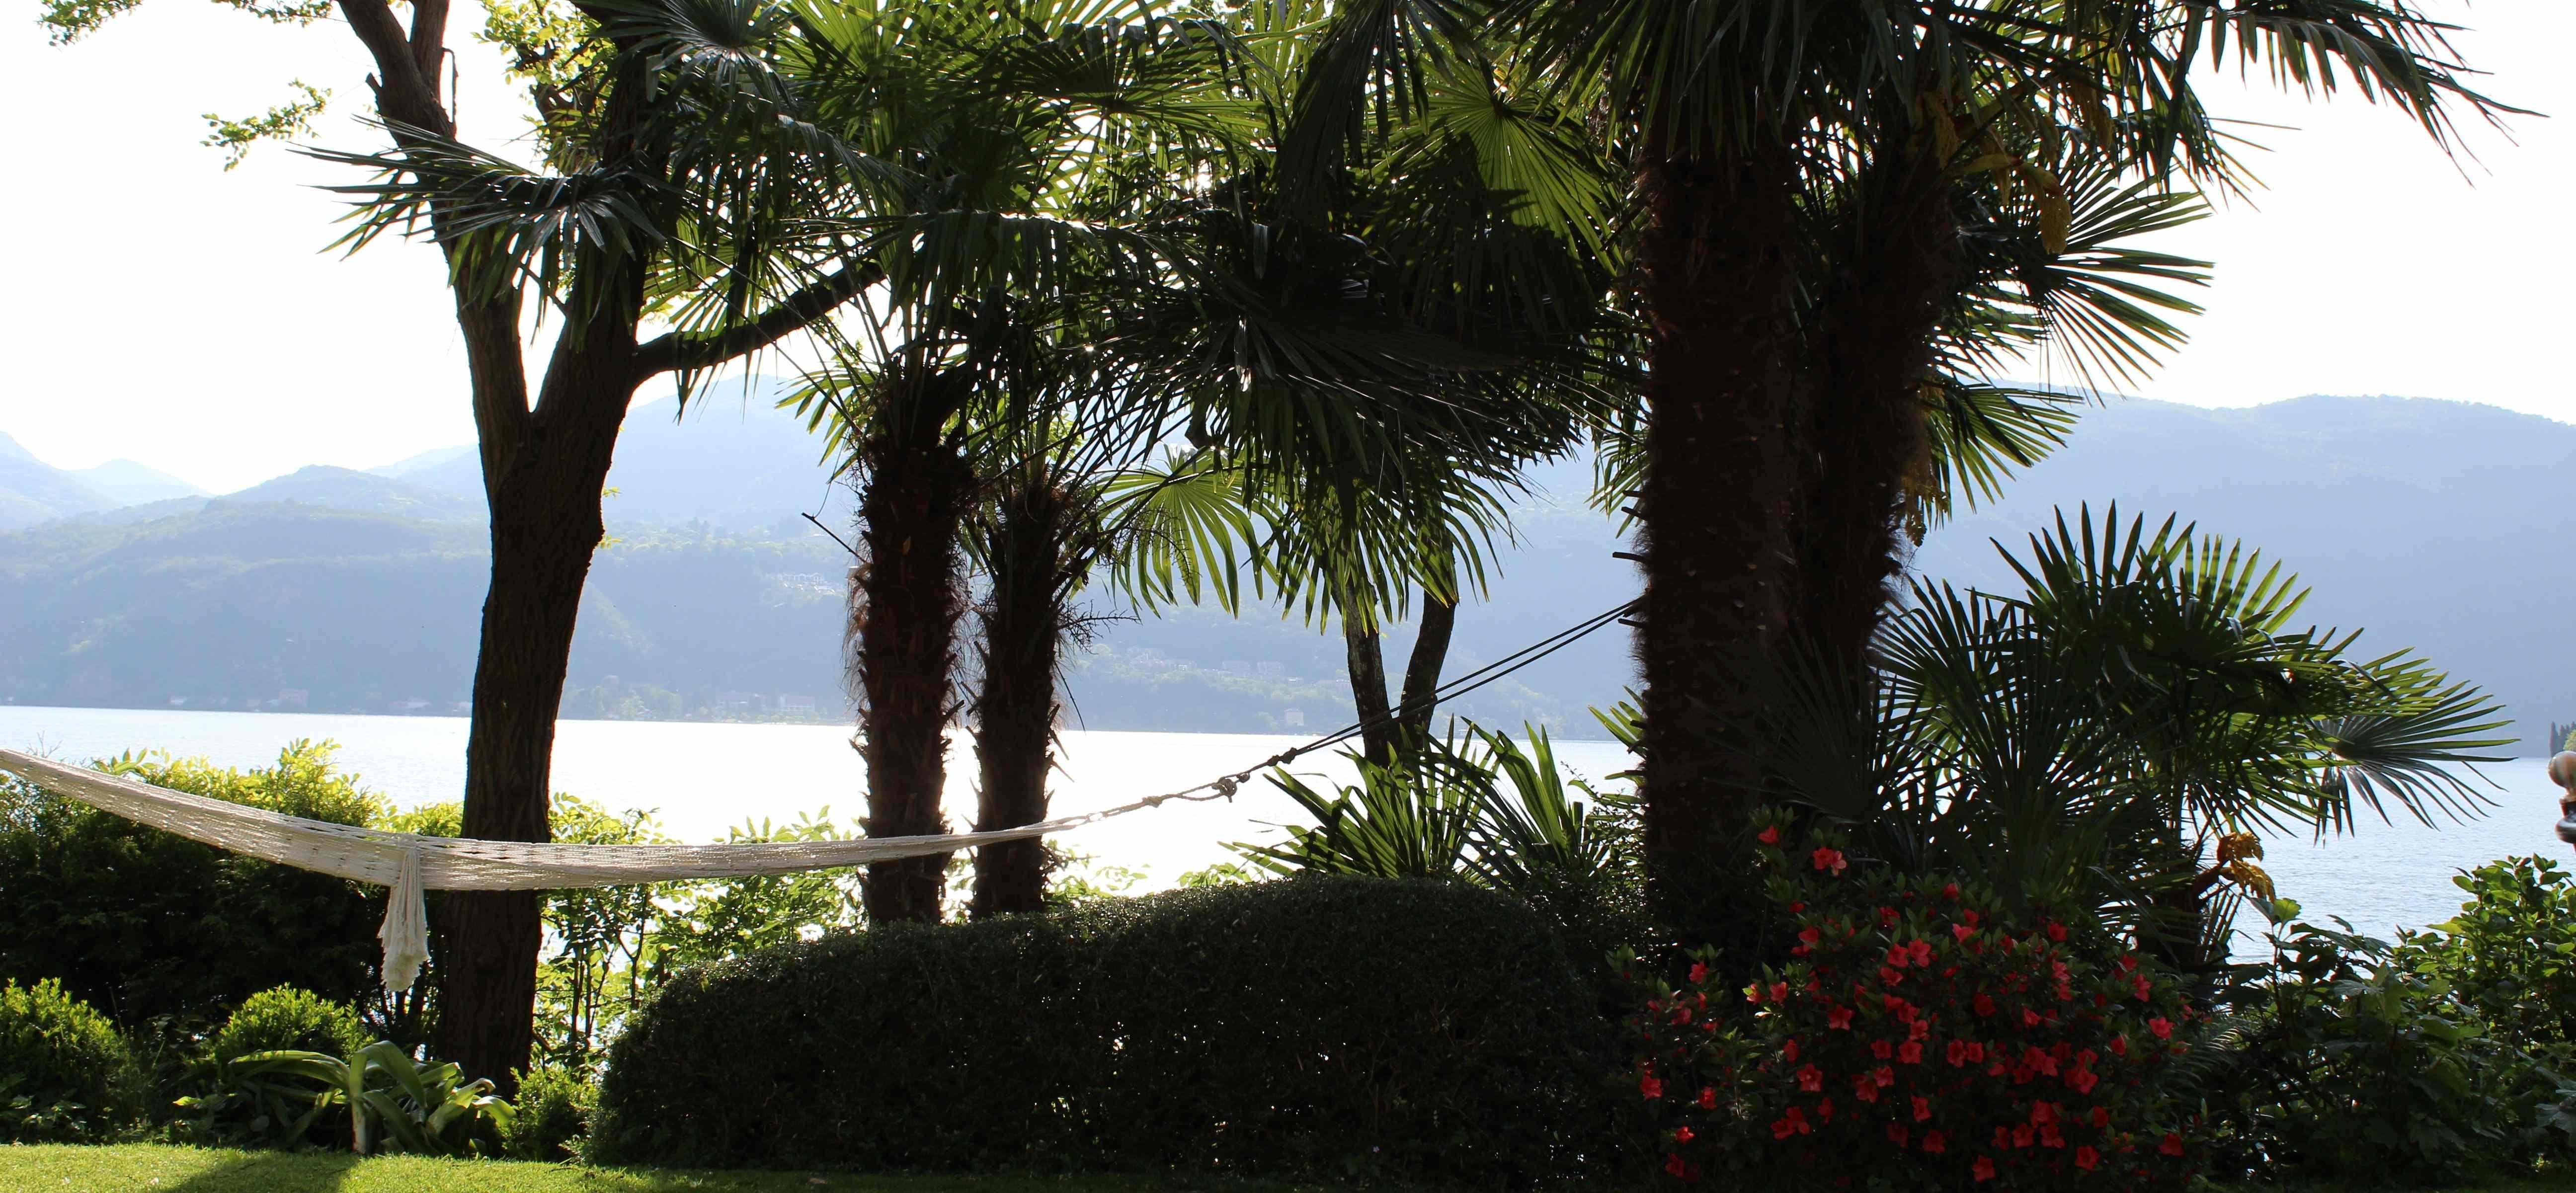 oder träumen ein bisschen in der Hängematte zwischen den Palmen.